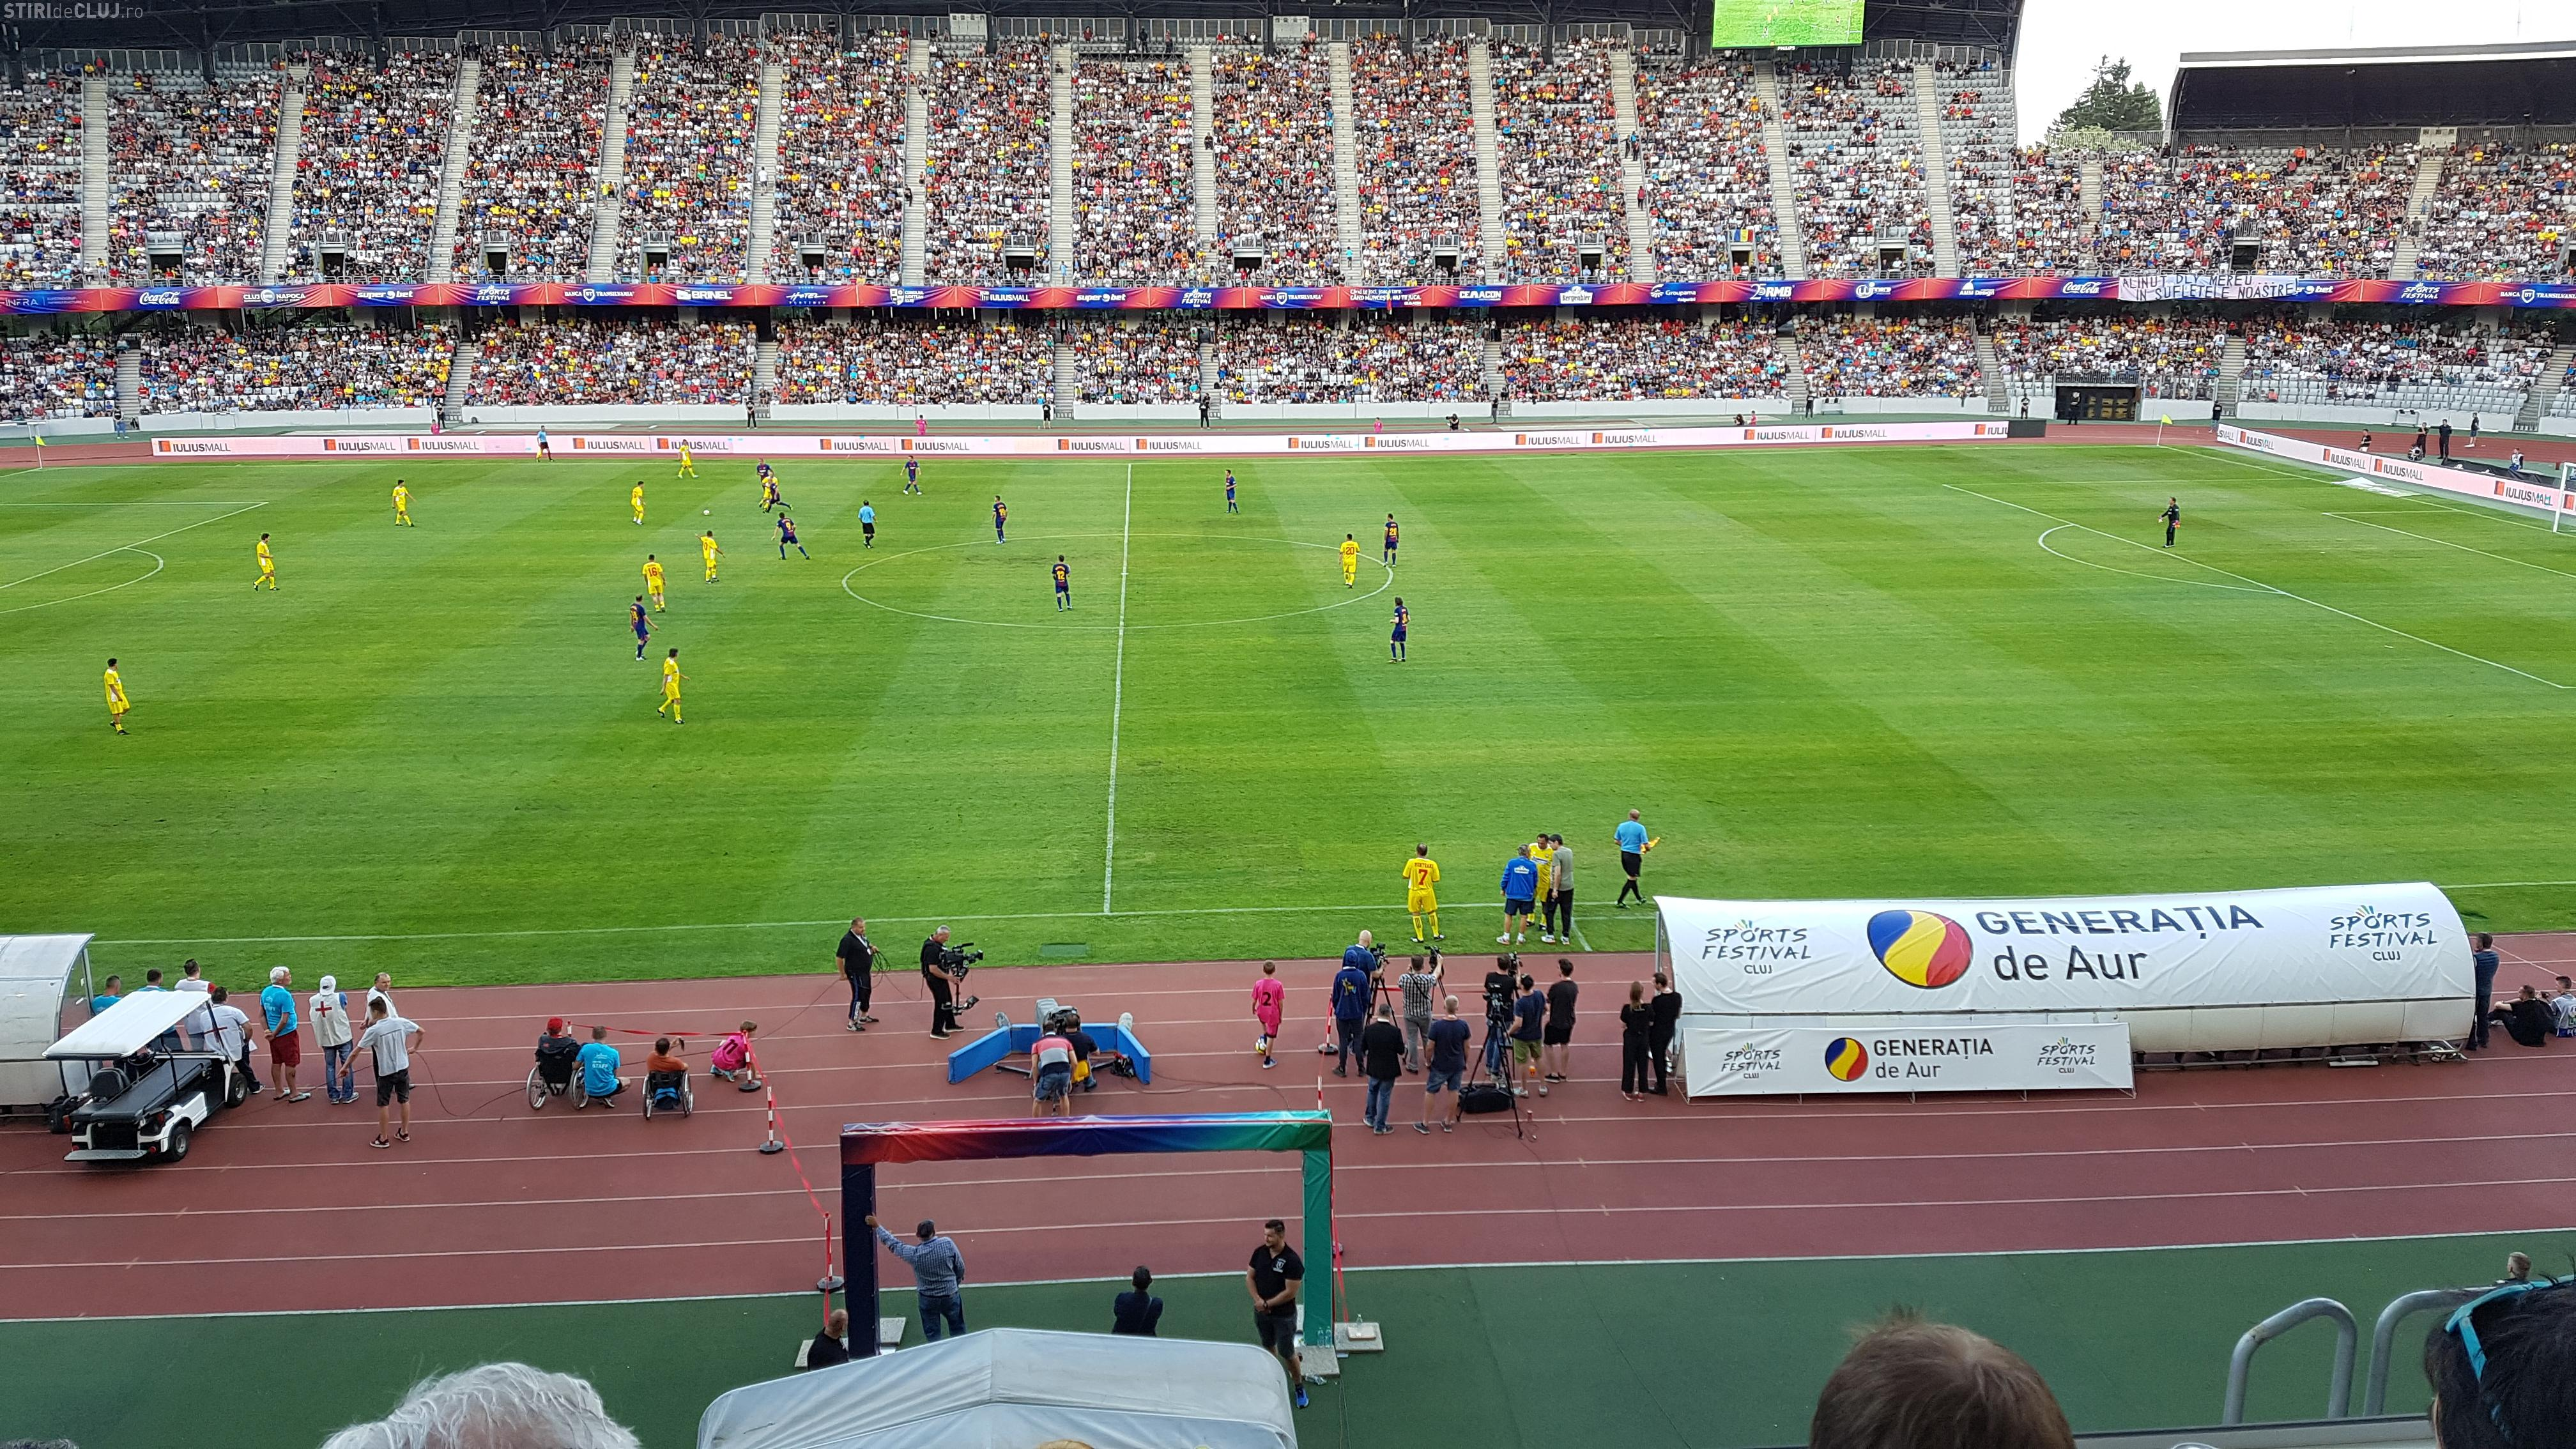 Hit -ul Mondialului din 1990 a răsunat pe Cluj Arena, cântat de Ad Libitum - VIDEO